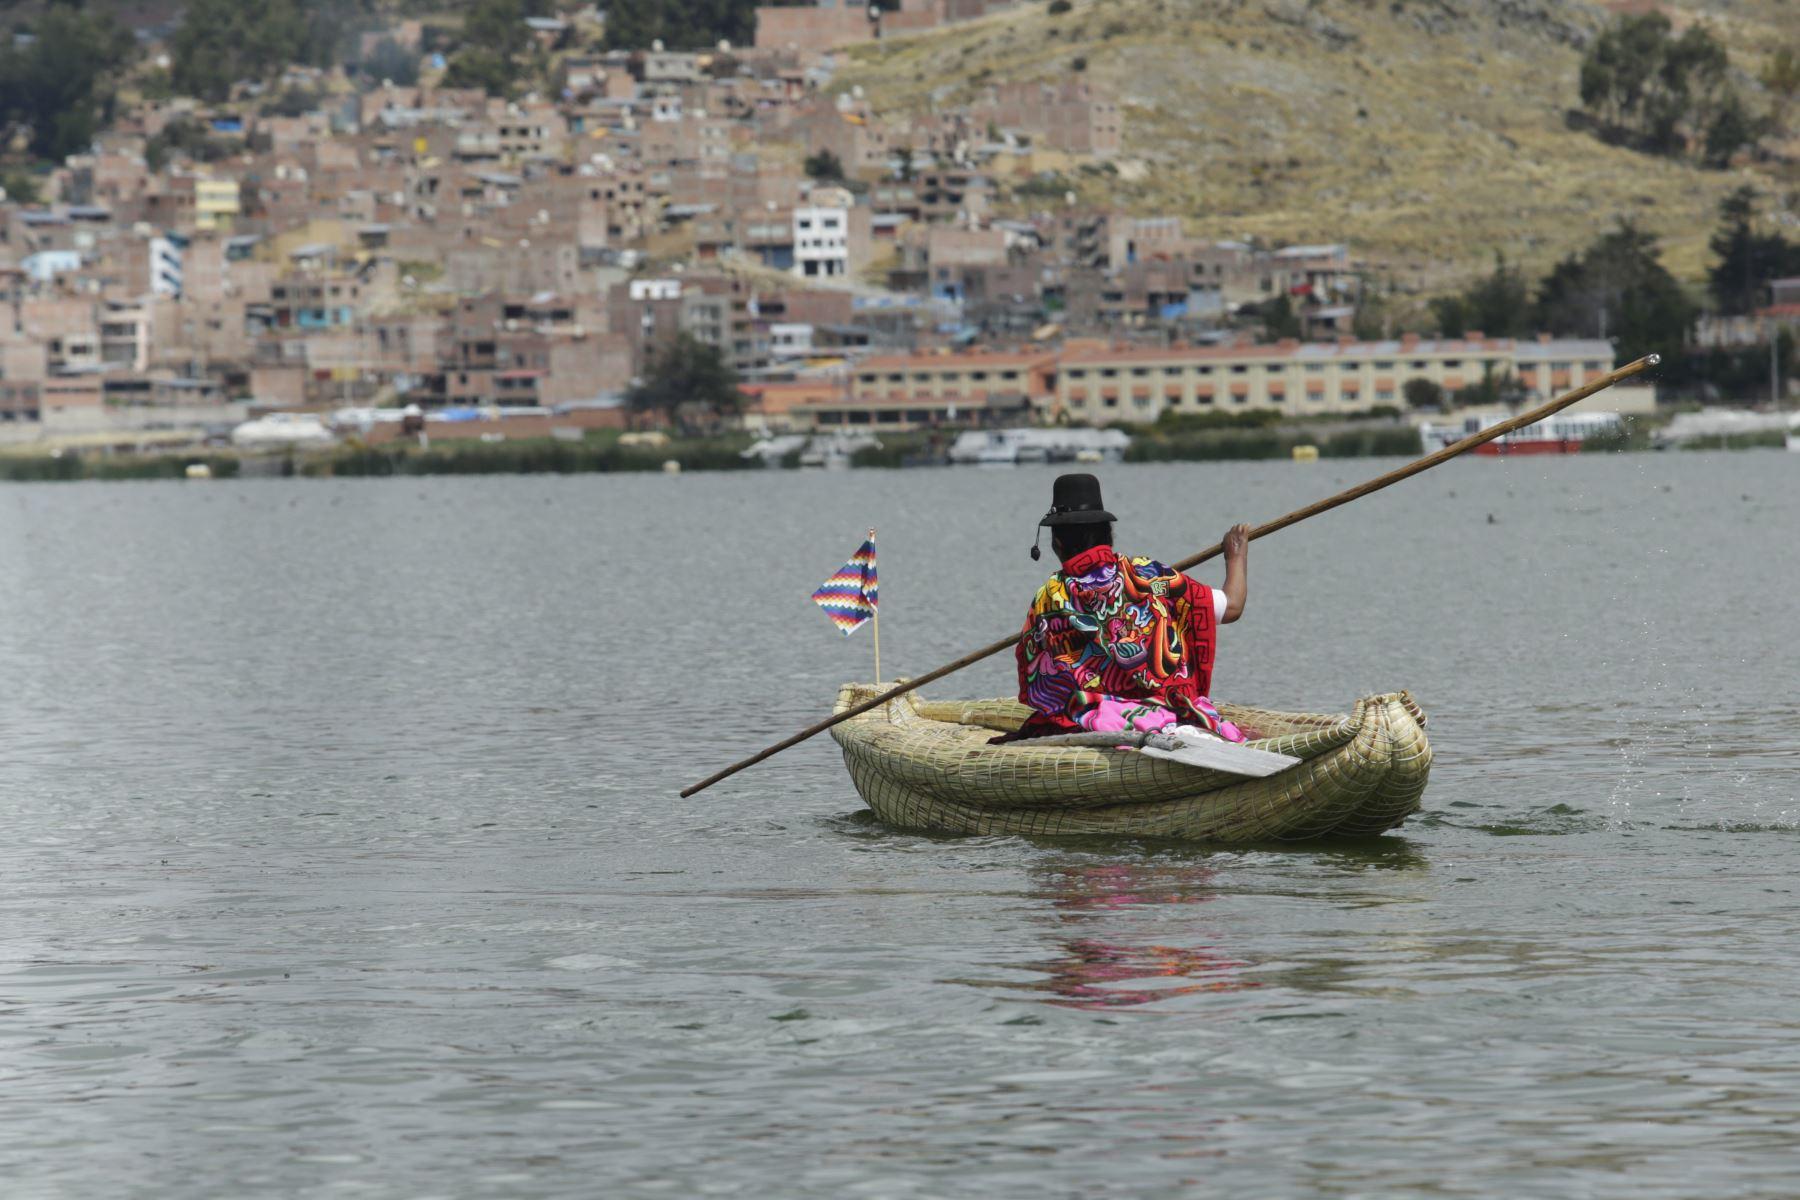 Especialista en biotecnología ambiental de la Universidad Peruana Cayetano Heredia hará investigación científica en el lago Titicaca. Foto: ANDINA/Melina Mejía